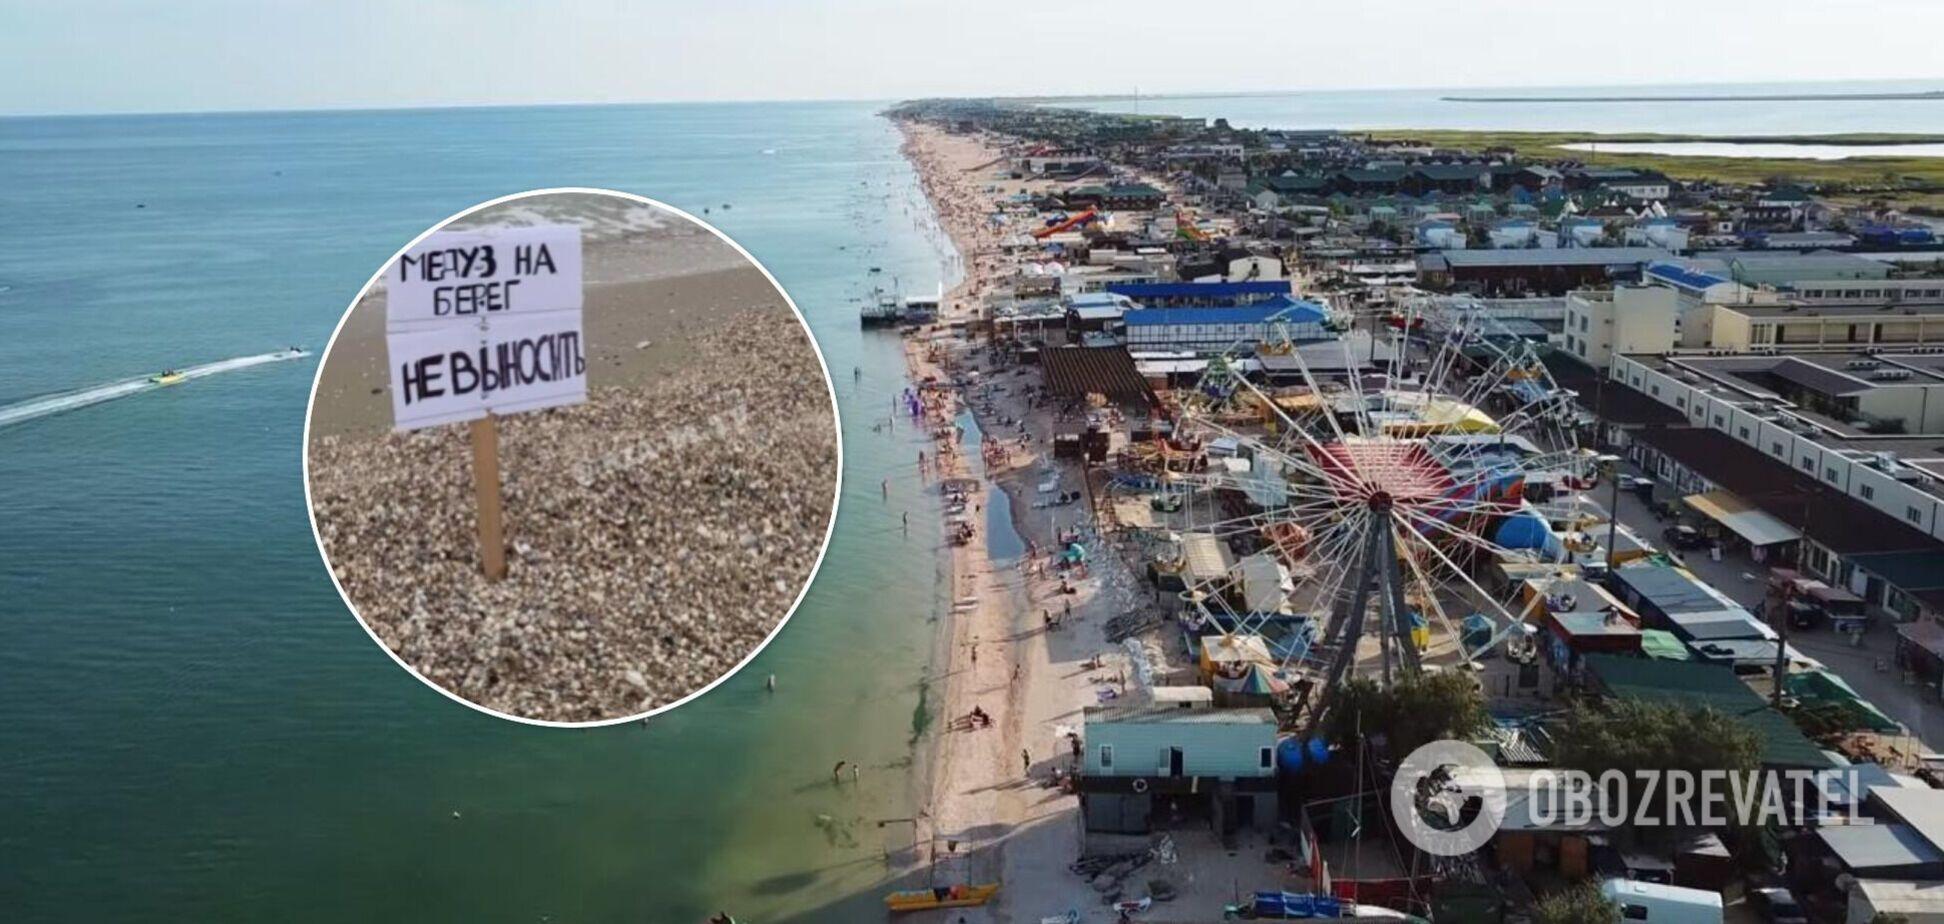 В Кирилловке отдыхающим запретили выносить медуз на берег